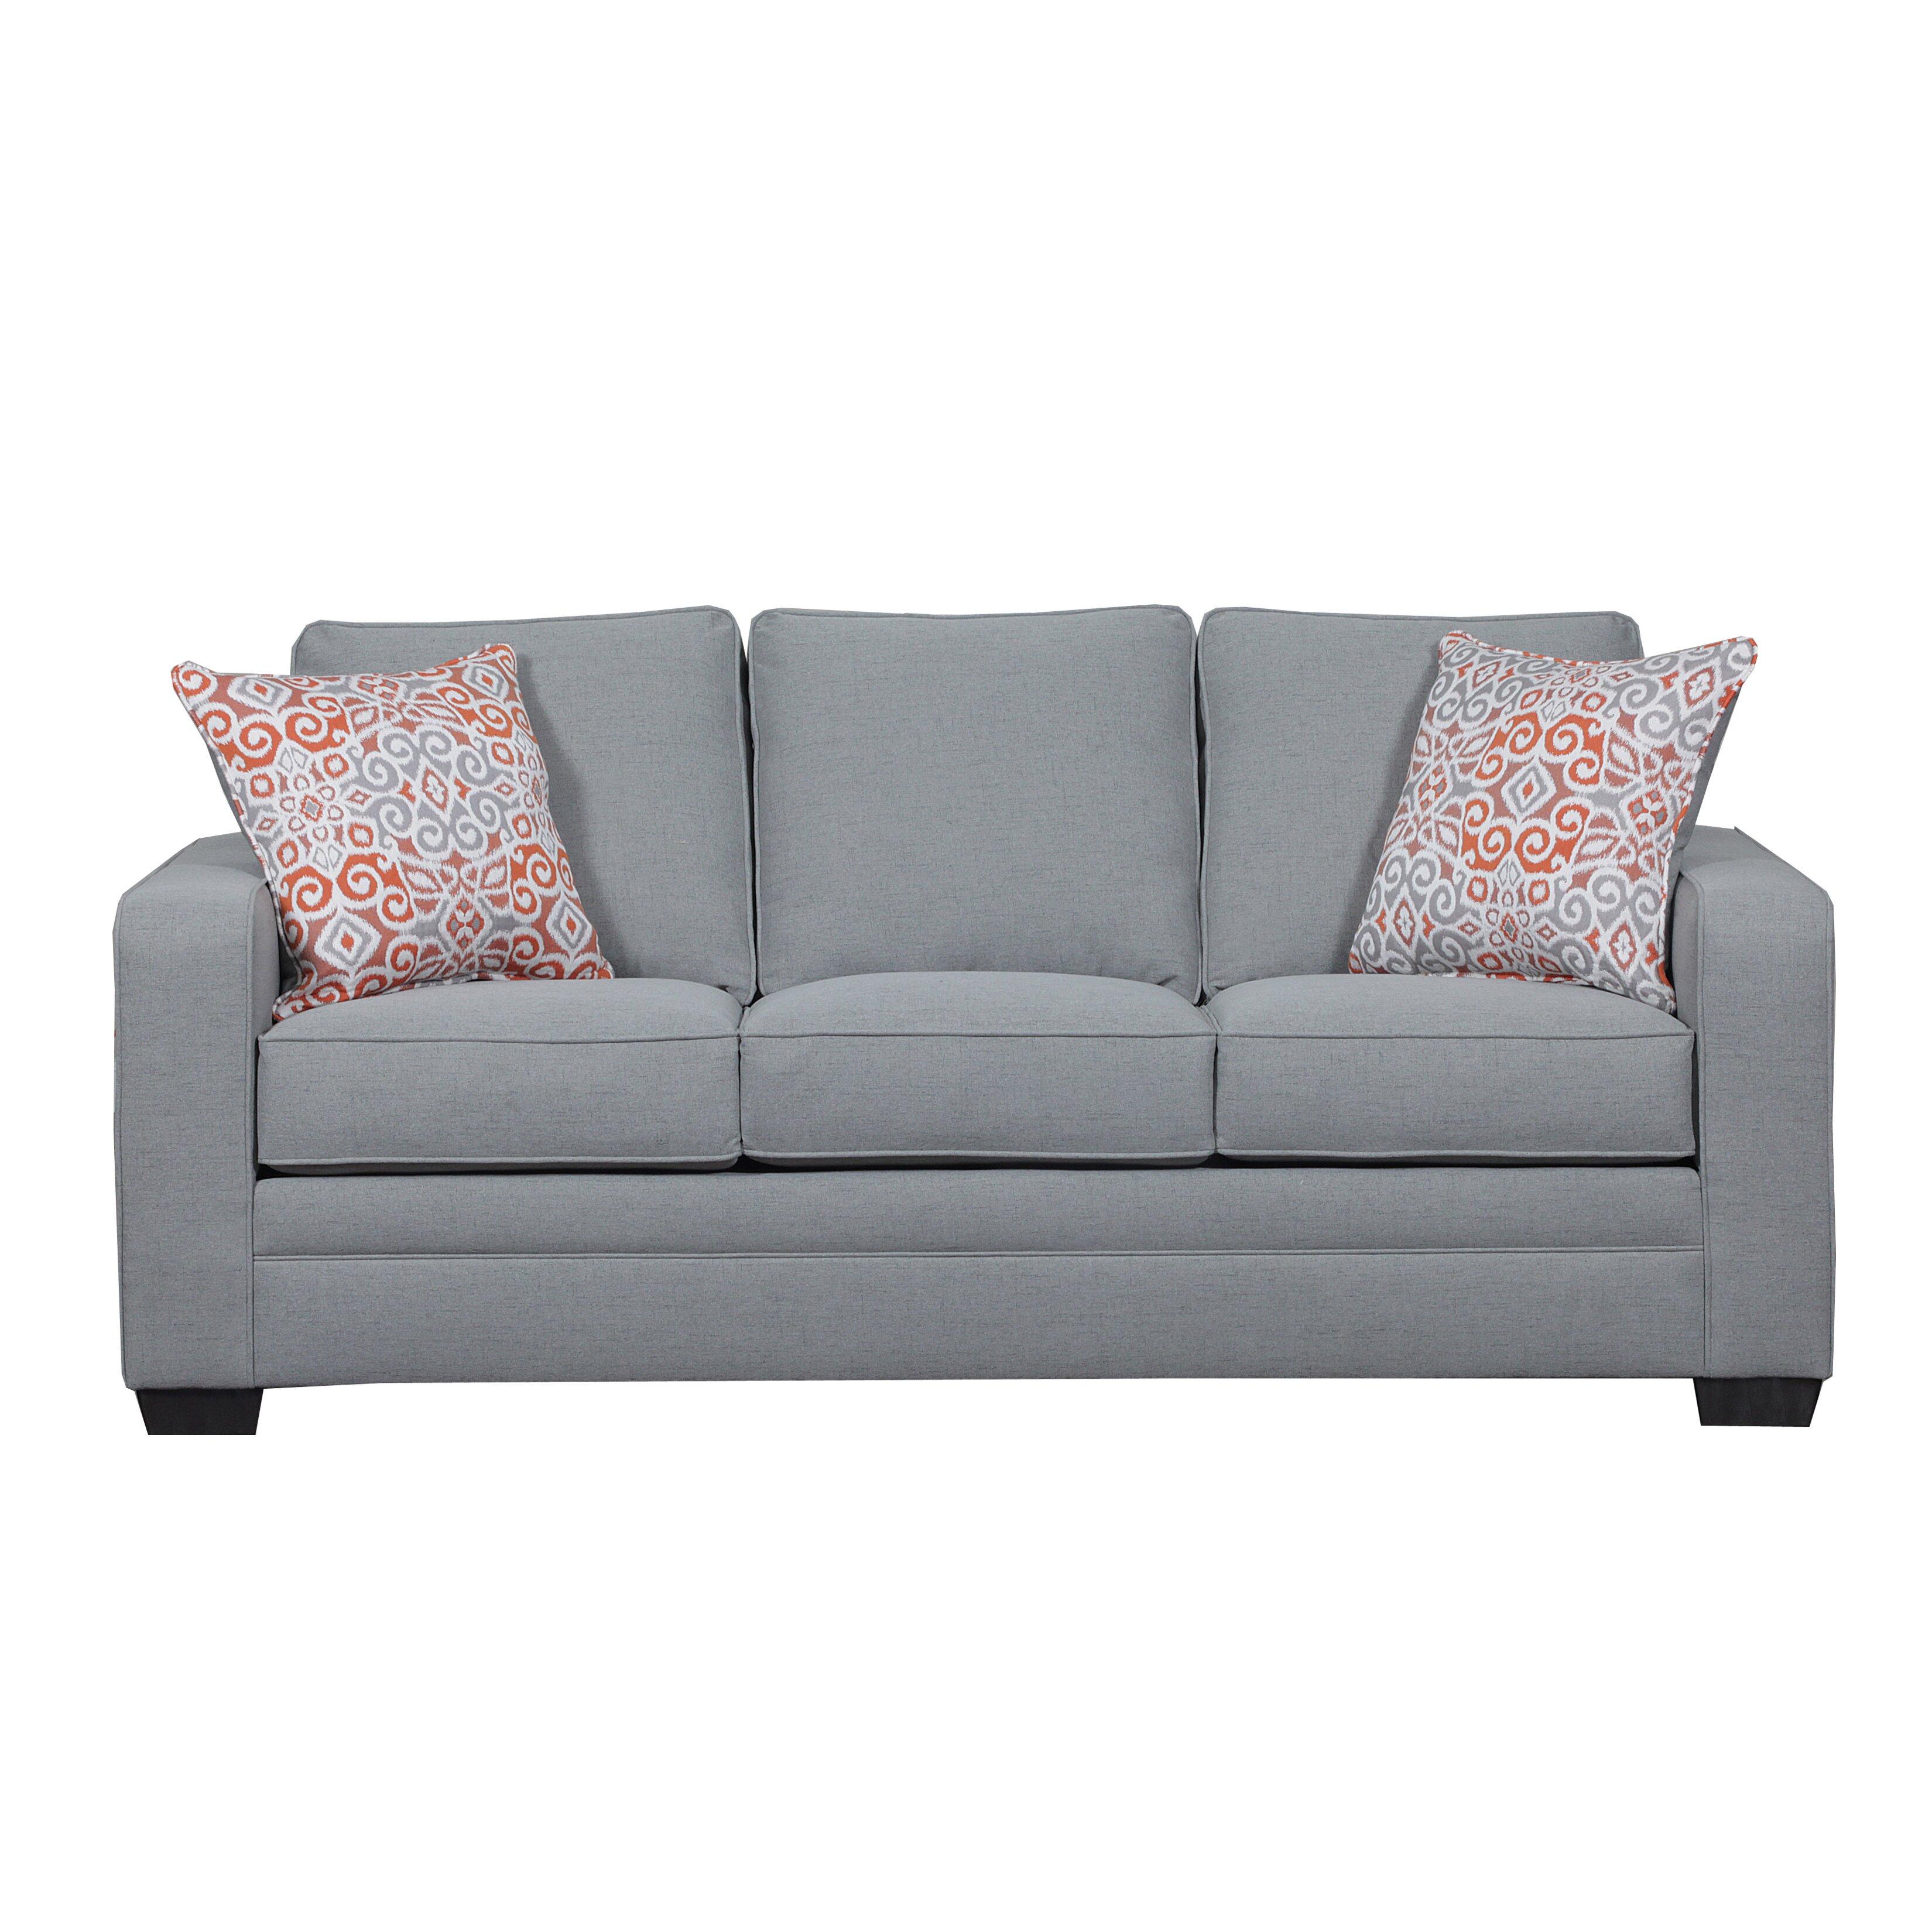 Simmons Sectional Sofa Manhattan picture on simmons furniture sofa beds with Simmons Sectional Sofa Manhattan, sofa 483537f6c1a5b21d329139ccb066dd54